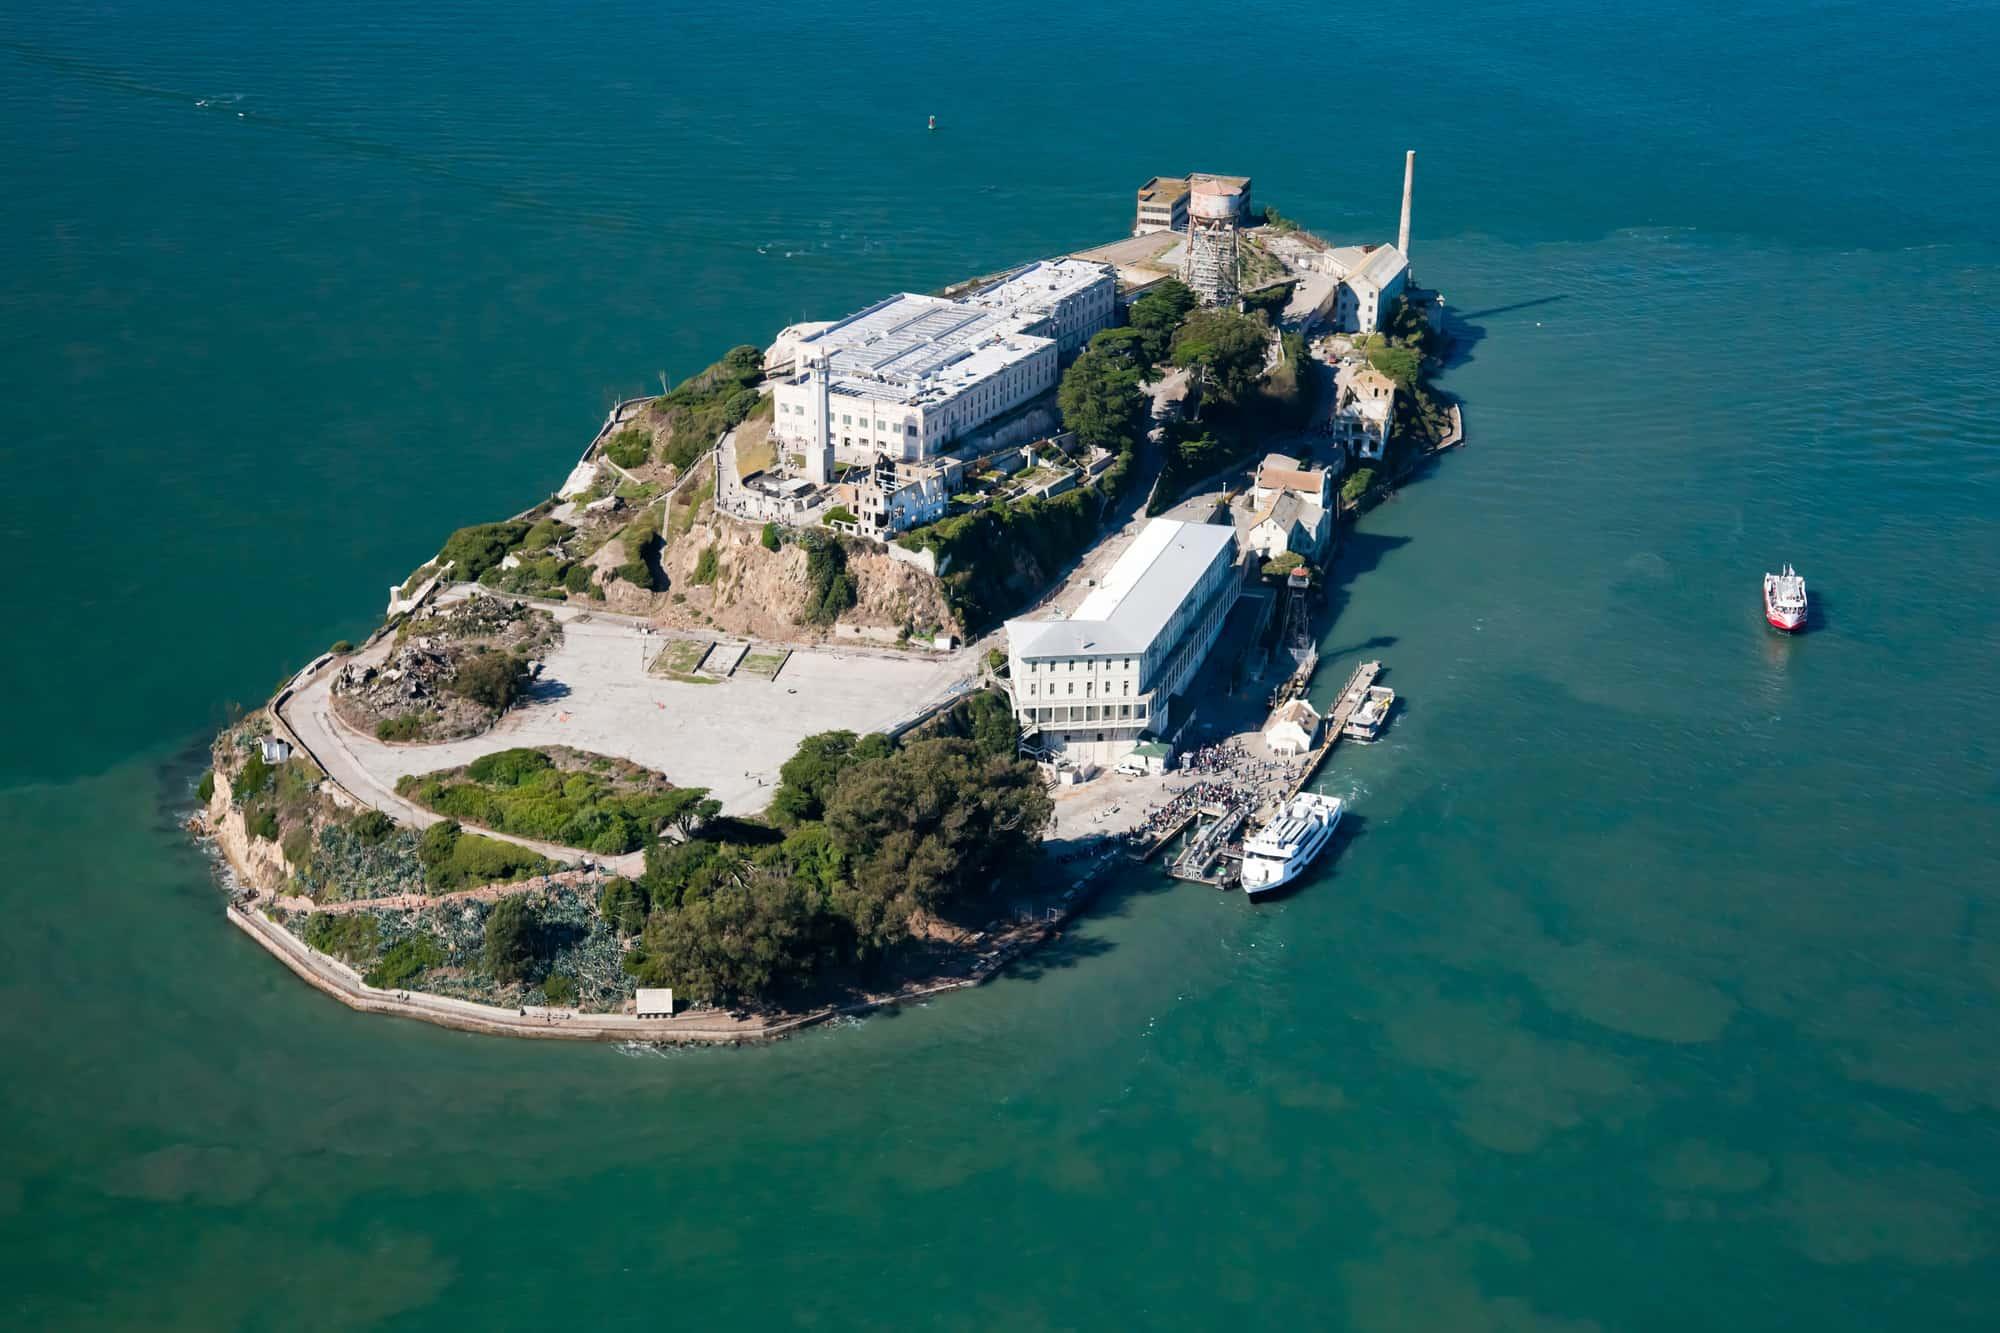 luftfoto af fængslet på øen alcatraz i san francisco